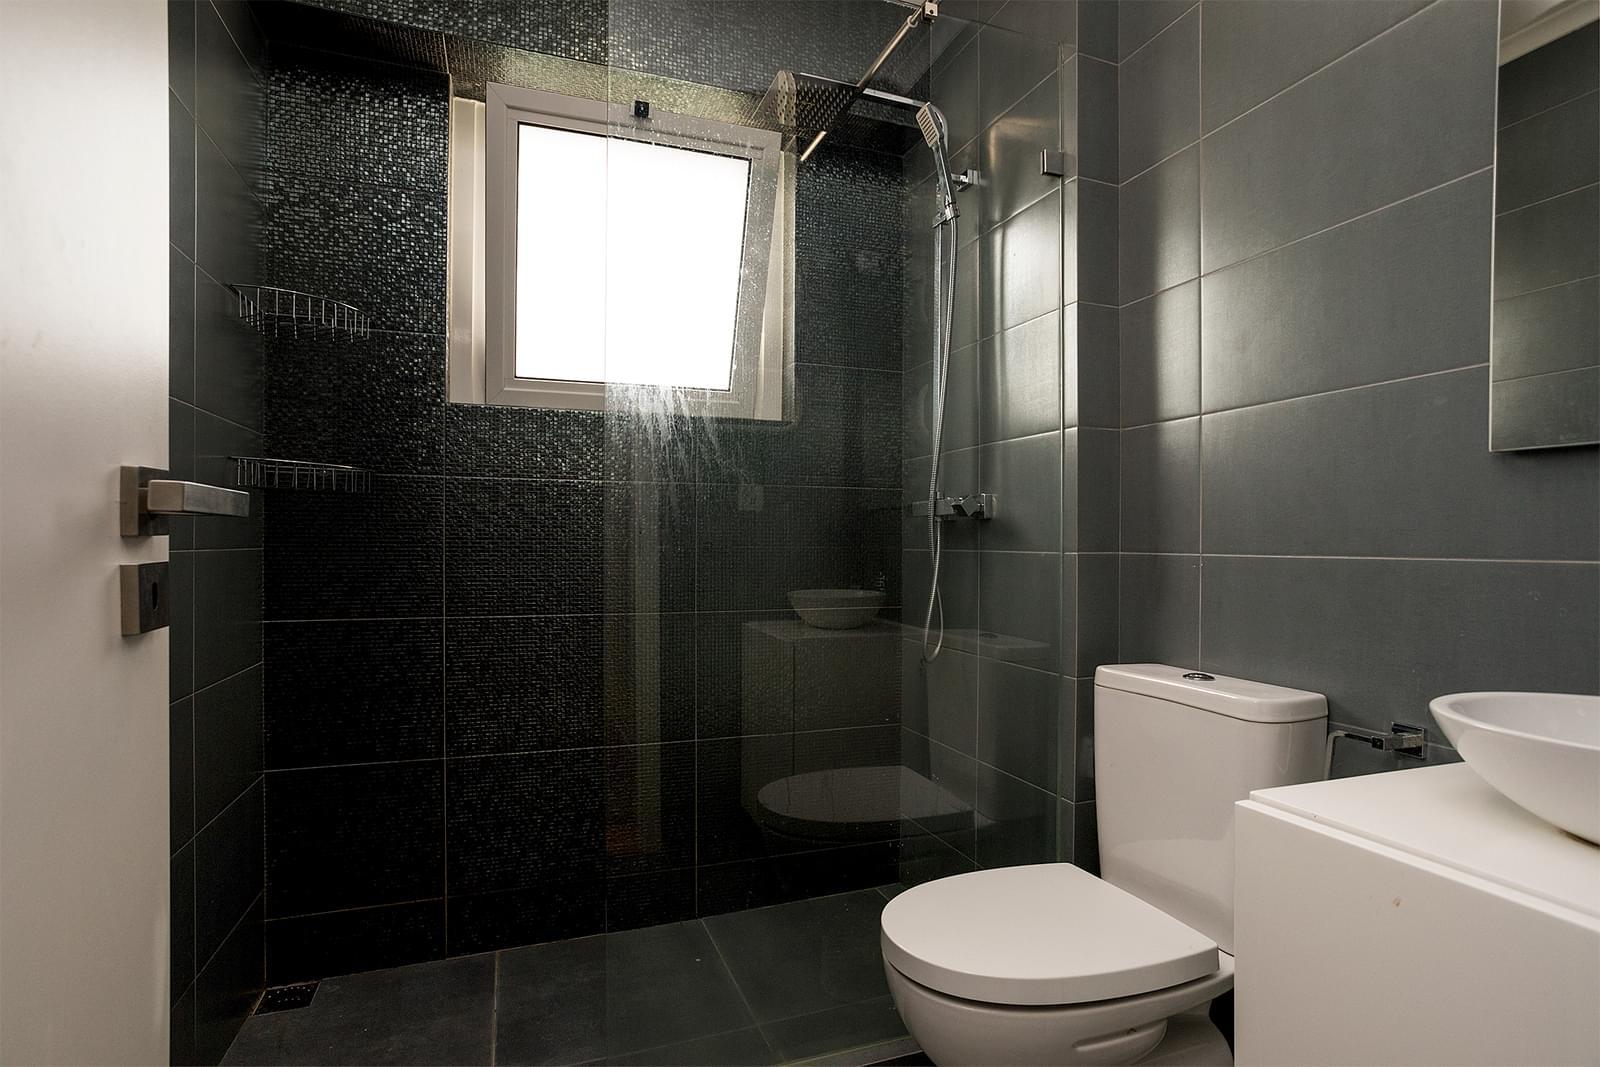 pf17340-apartamento-t3-lisboa-7142ba9d-2c1e-476f-823e-23134df158fc